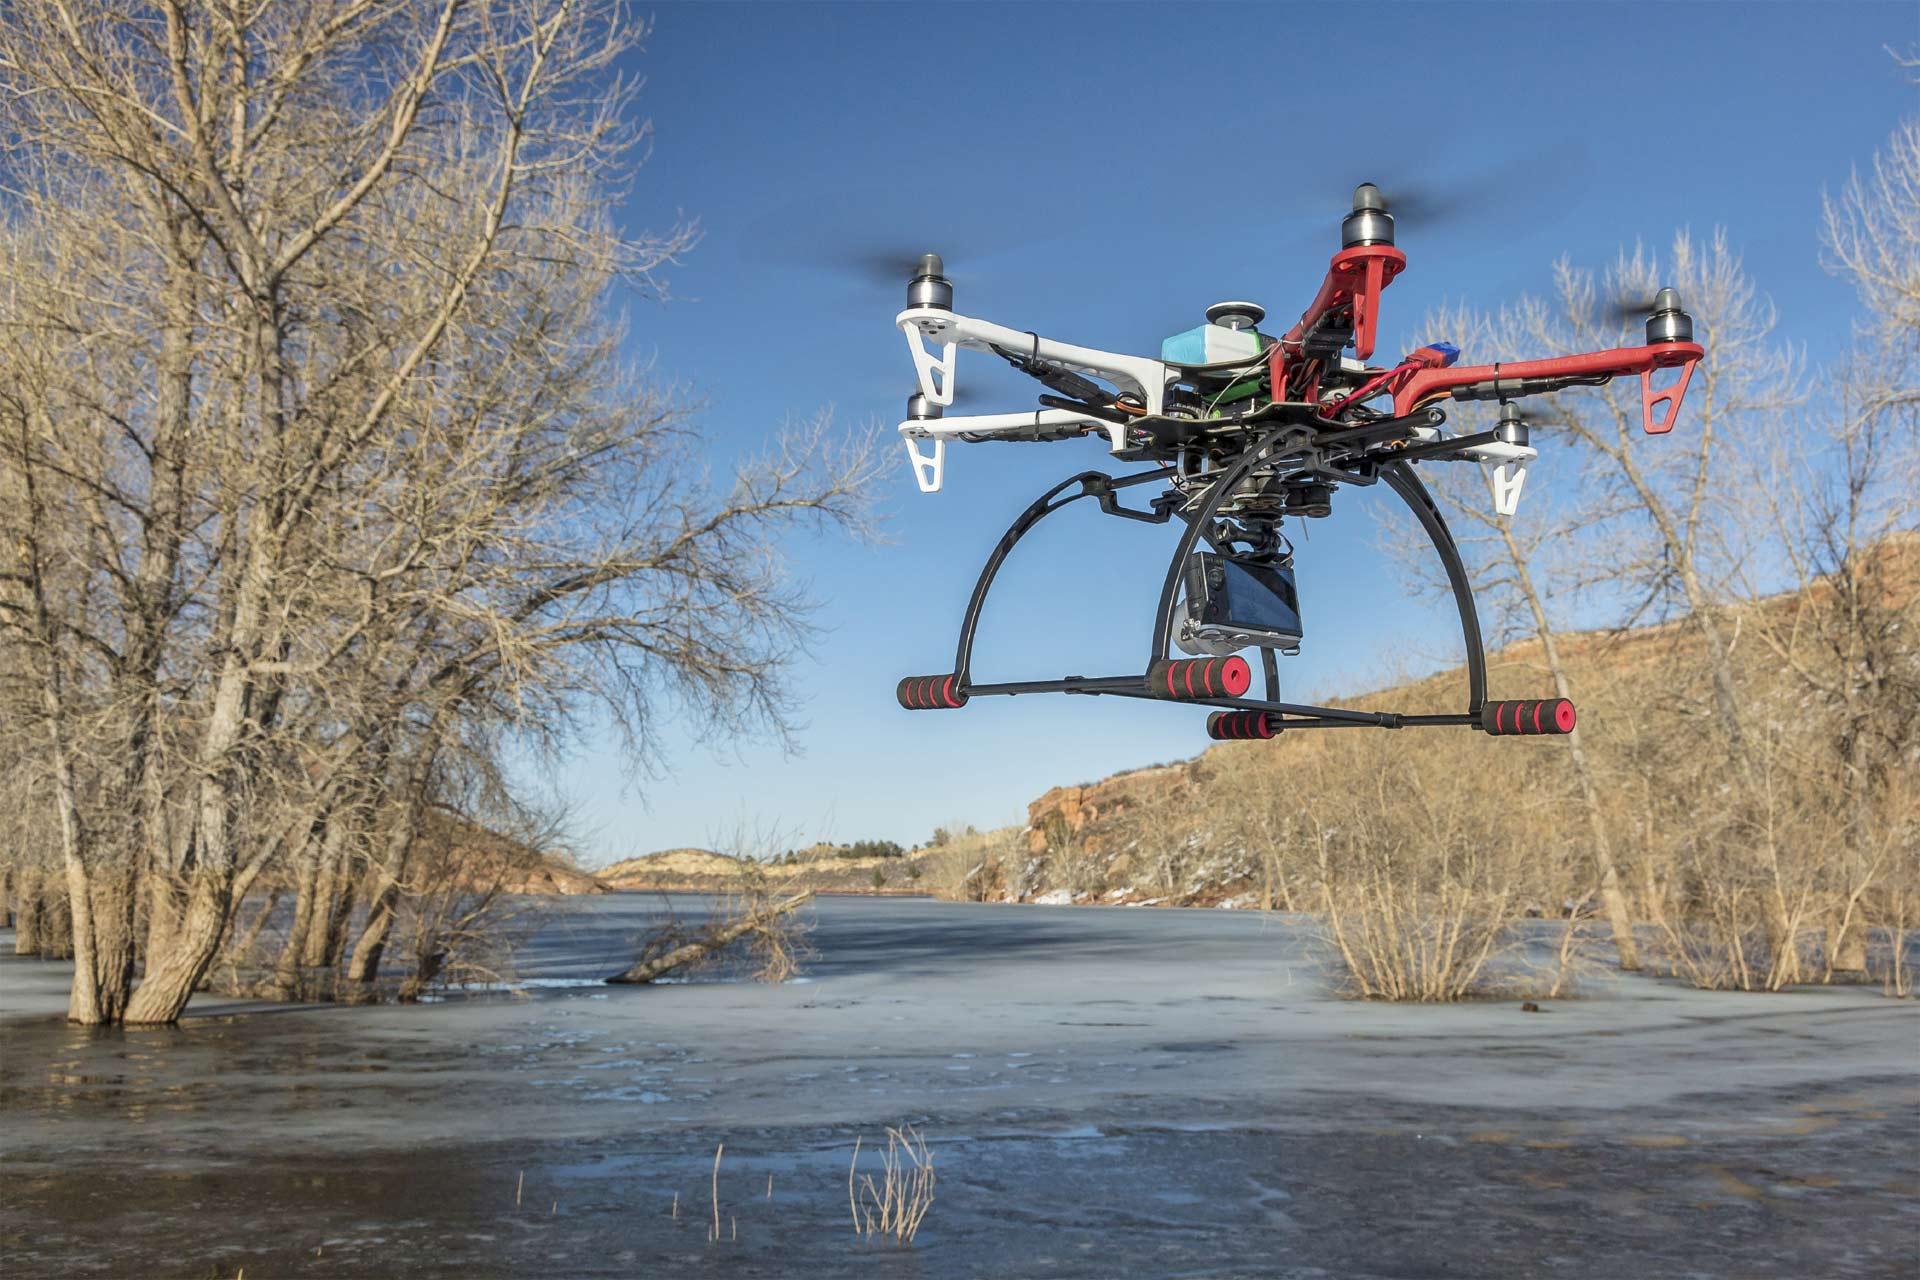 Al igual que crece la actividad profesional, crece el uso lúdico de estos ingenios voladores